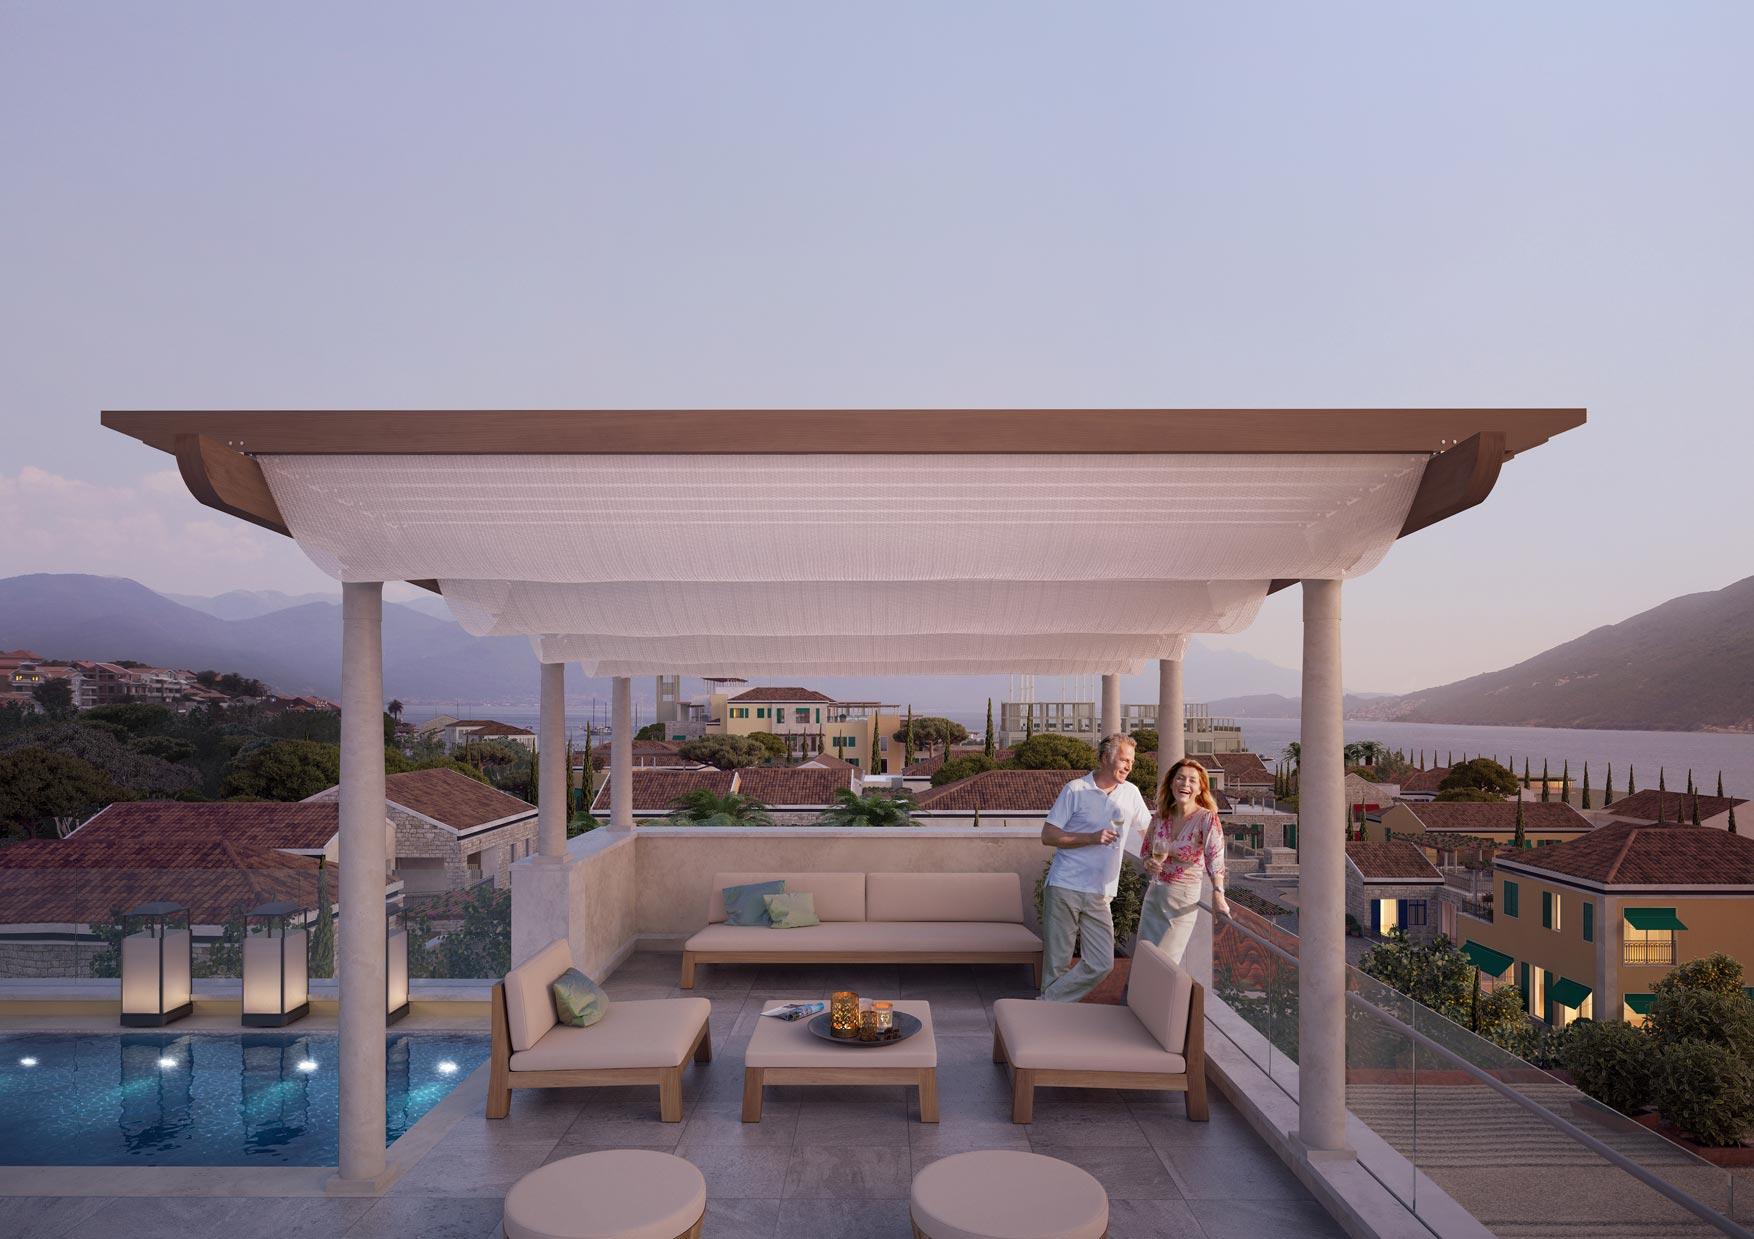 Elite-resort-with-luxury-apartments-in-Herceg-Novi (20).jpg